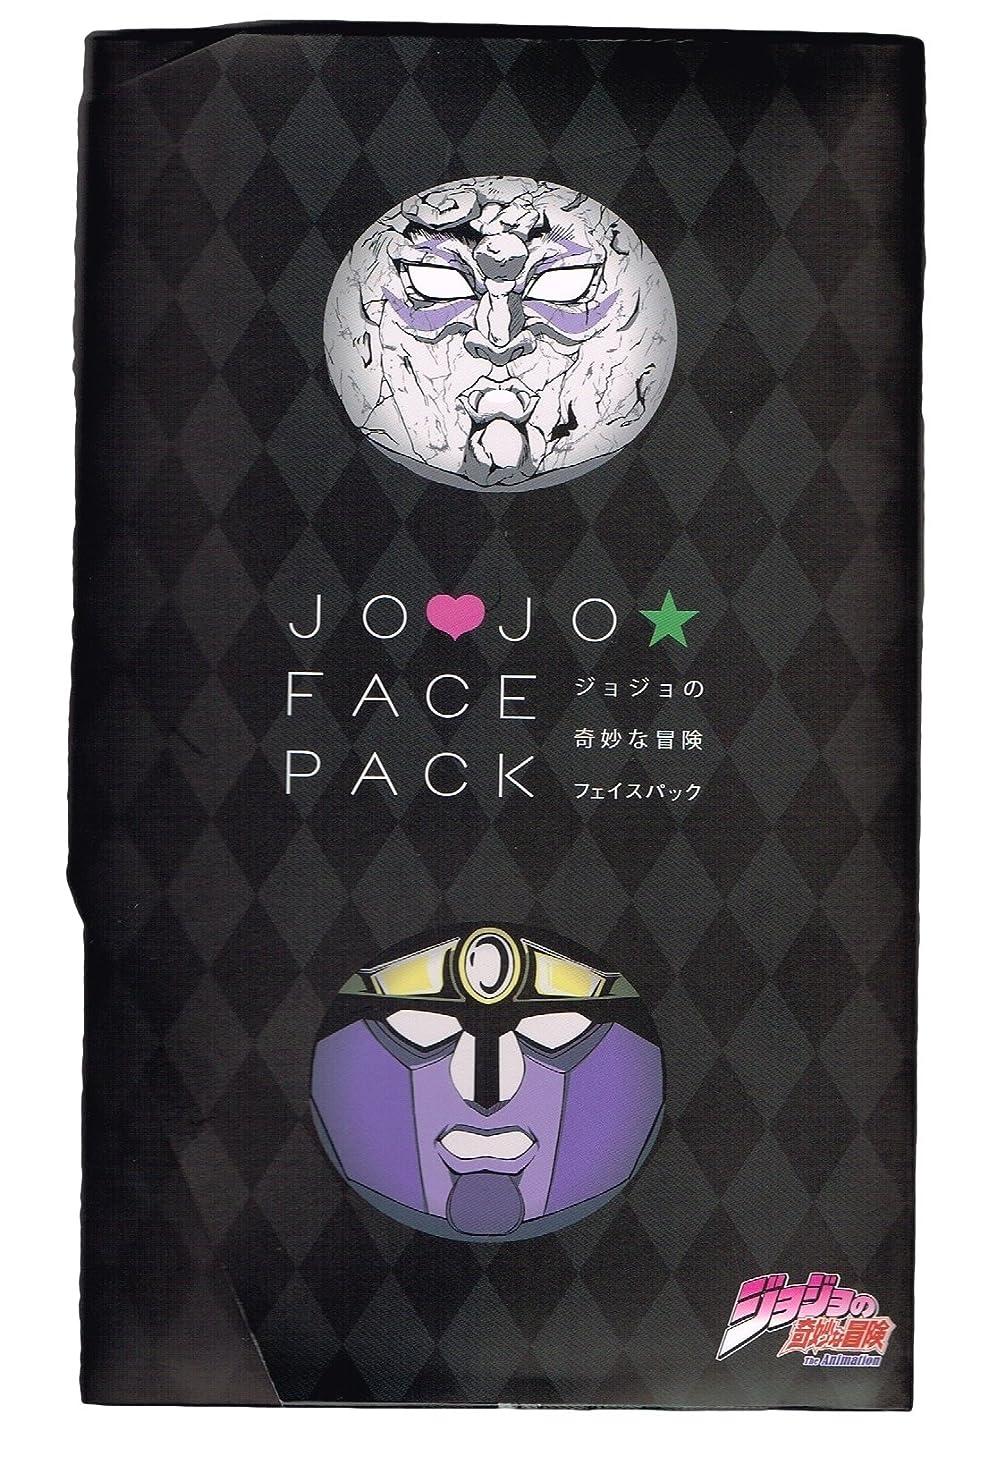 牧草地きゅうり杭ジョジョの奇妙な冒険フェイスパック 石仮面 / スタープラチナ